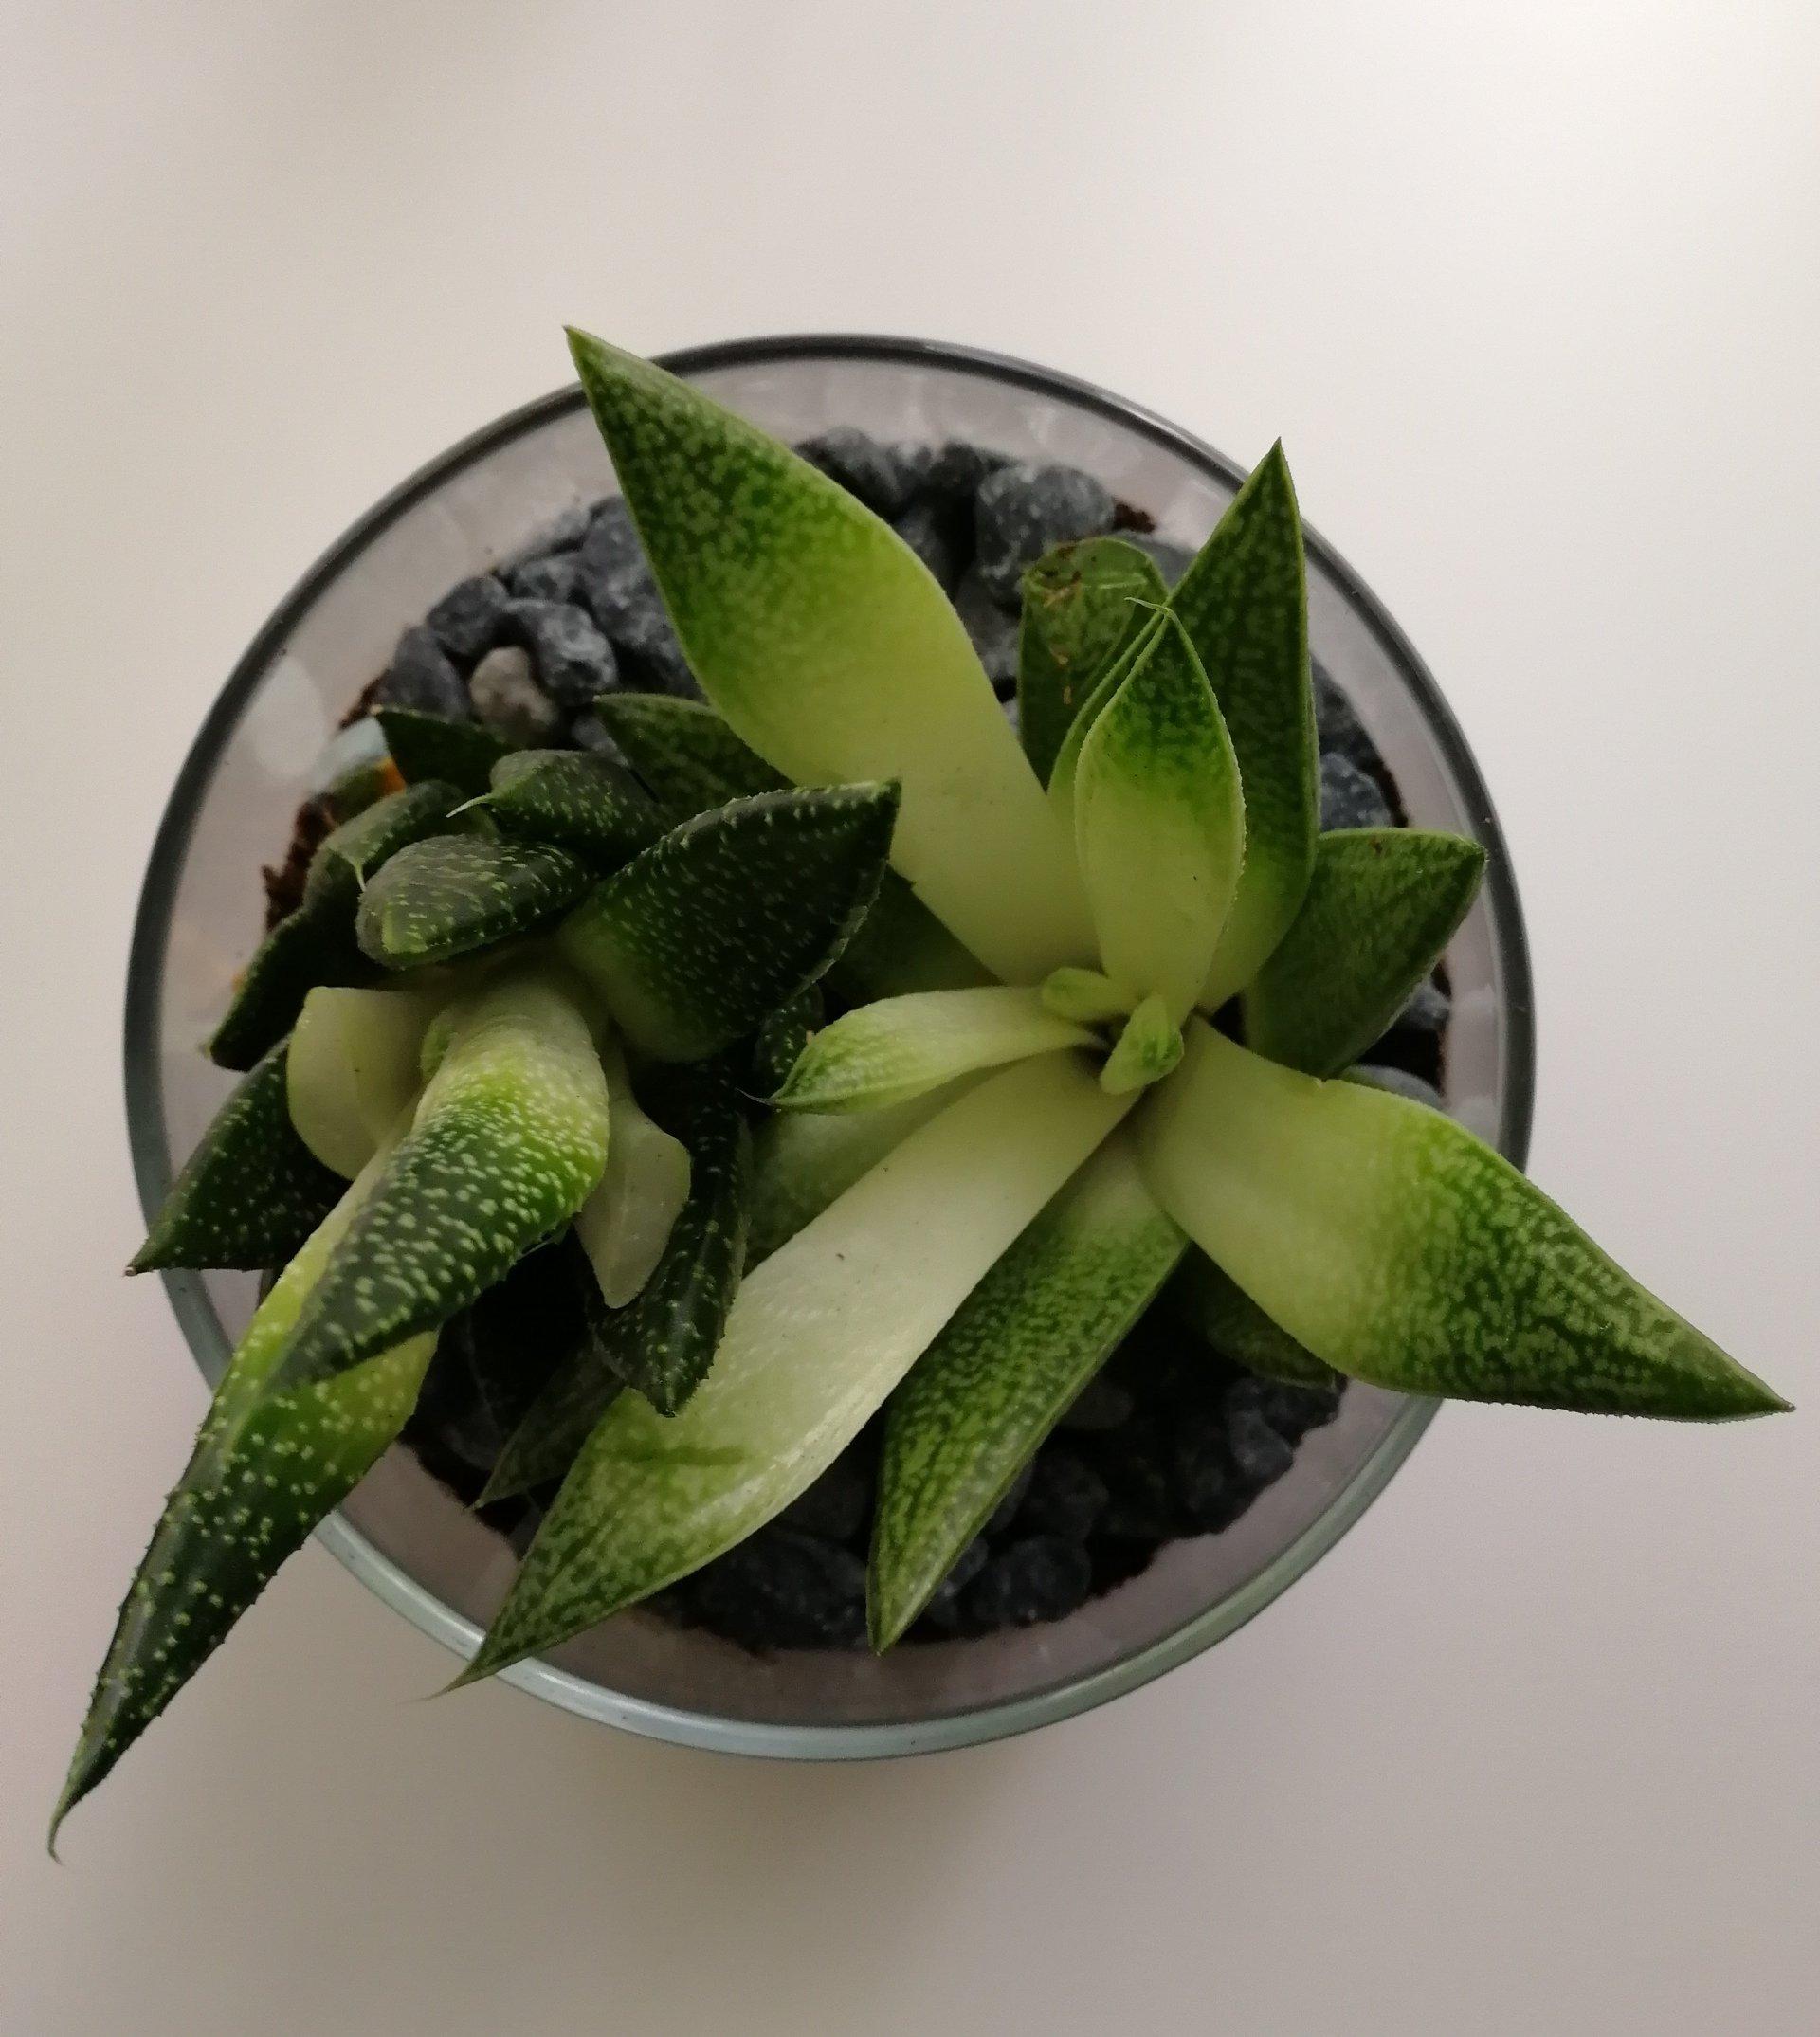 Comment Faire Un Terrarium Plante Grasse comment fabriquer un terrarium en 5 minutes ! - les idées de